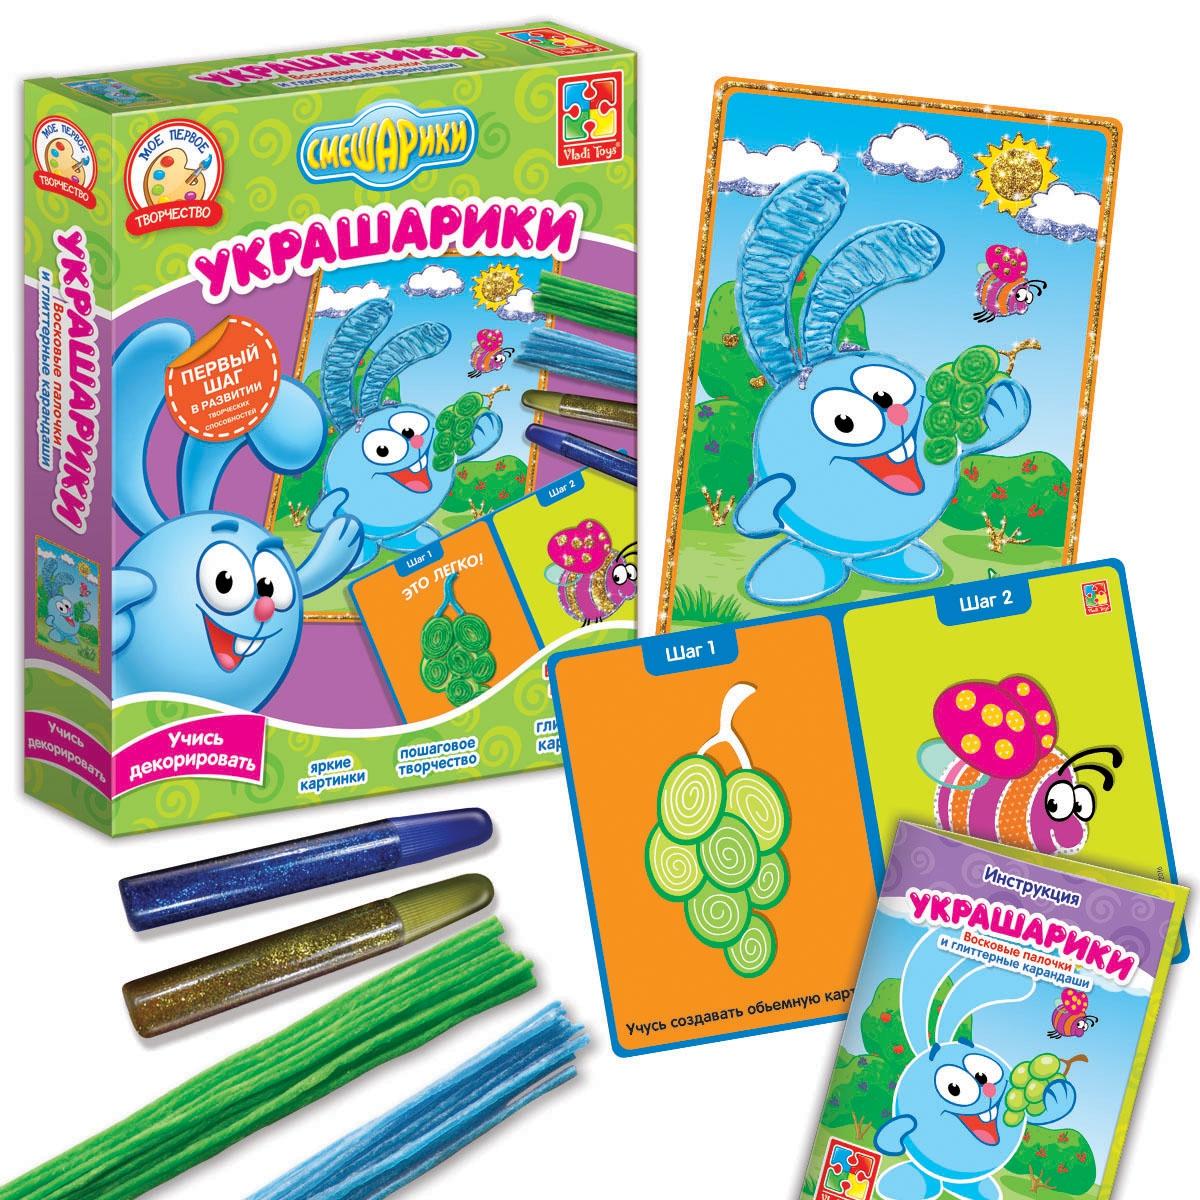 Наборы для творчества Vladi Toys Учись декорировать наборы для творчества vladi toys набор для творчества рисоварики магия блеска ежик